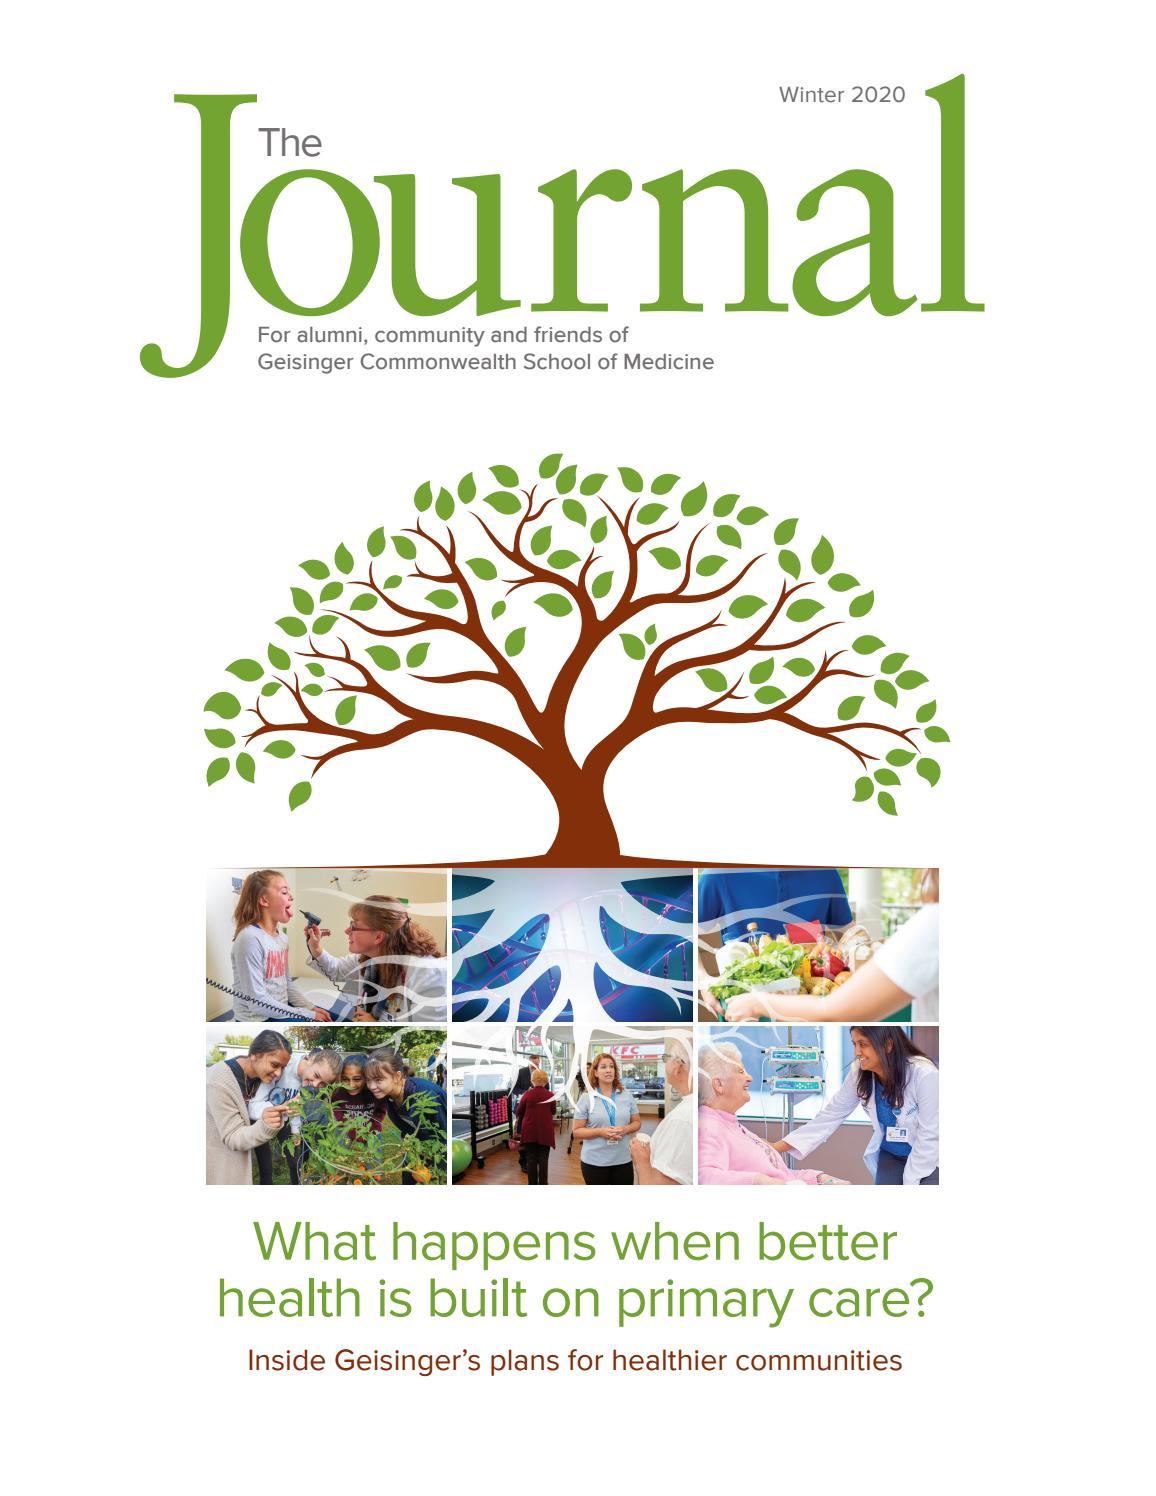 Gcsom Journal Winter 2020 By Geisingercommonwealth Issuu Pain relief clinic erbjuder helhetslösningar för att du skall kunna utnyttja din fulla potential och funktion i rörelse. gcsom journal winter 2020 by